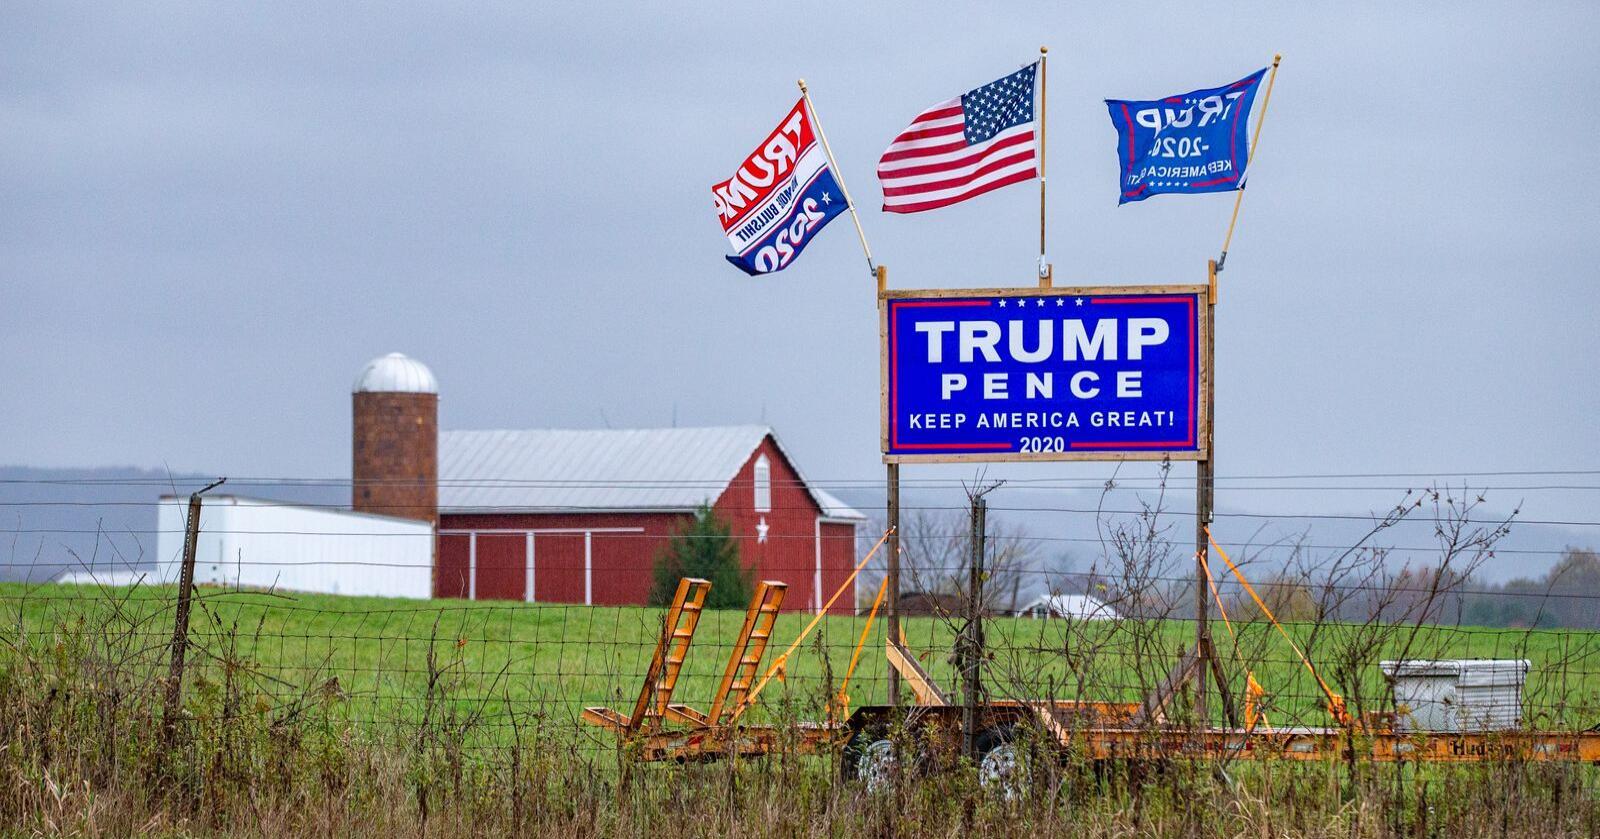 Et Trump/Pence skilt satt opp på en gård i USA i forkant av valget i 2020. (Foto: Paul Weaver/Sipa USA)